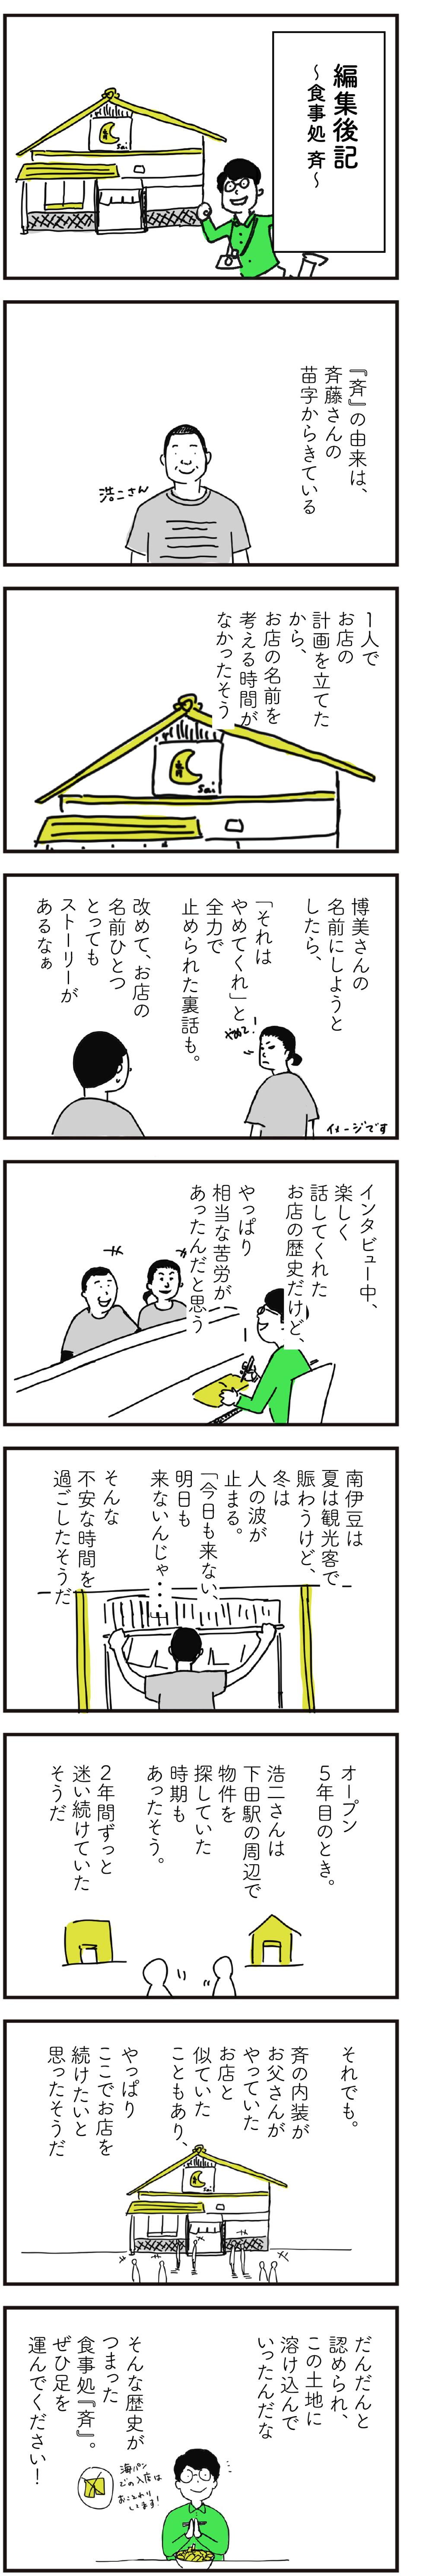 0036 copy